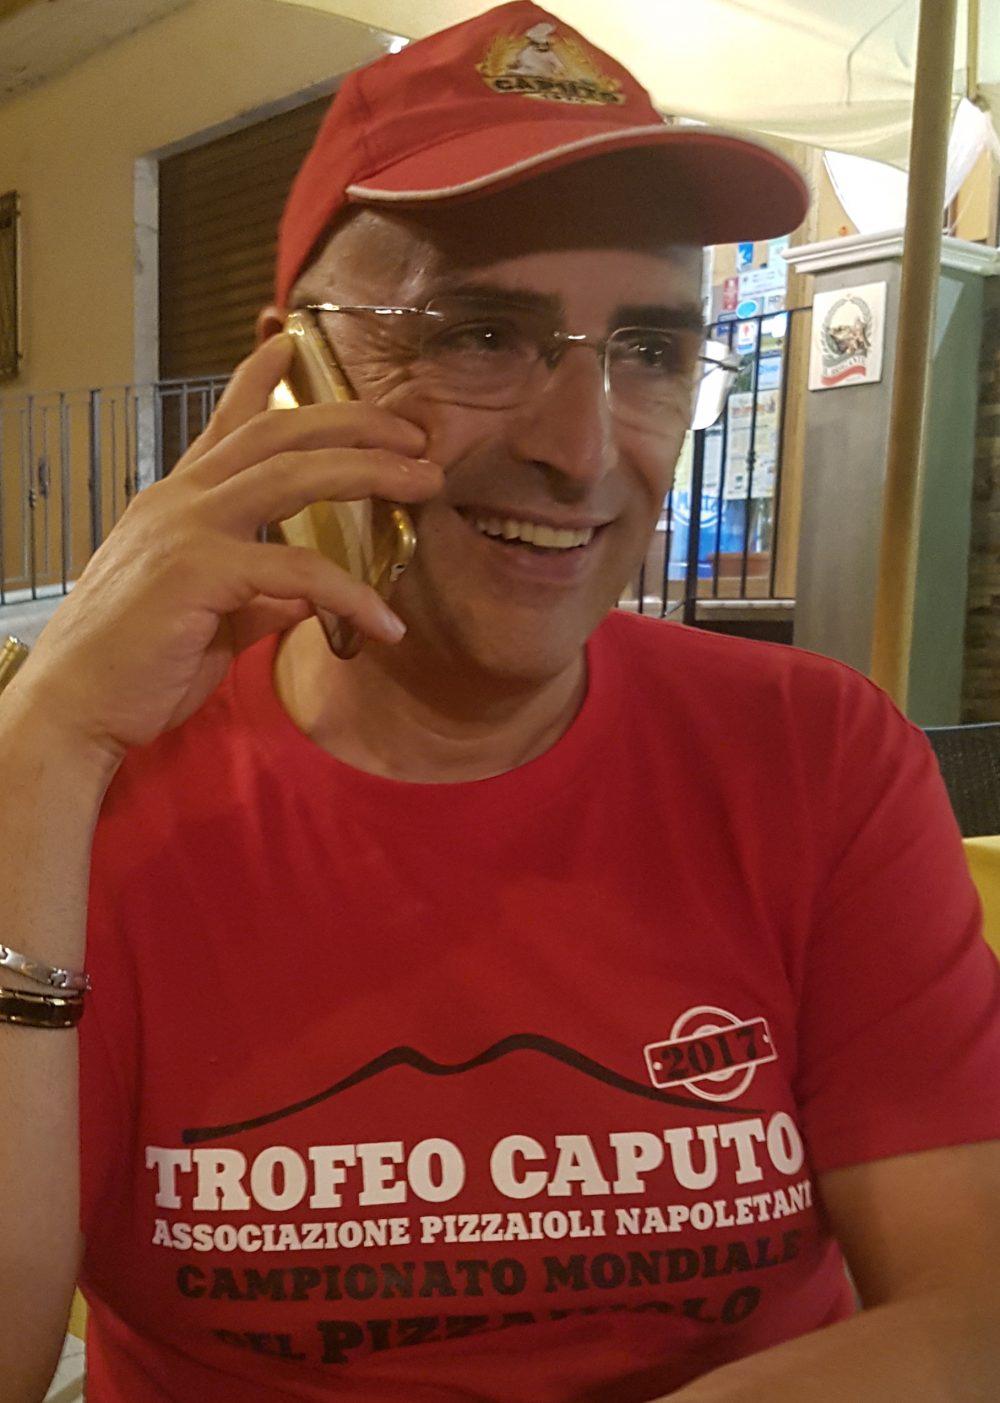 Michele Dileo - campione del mondo - Trofeo Caputo